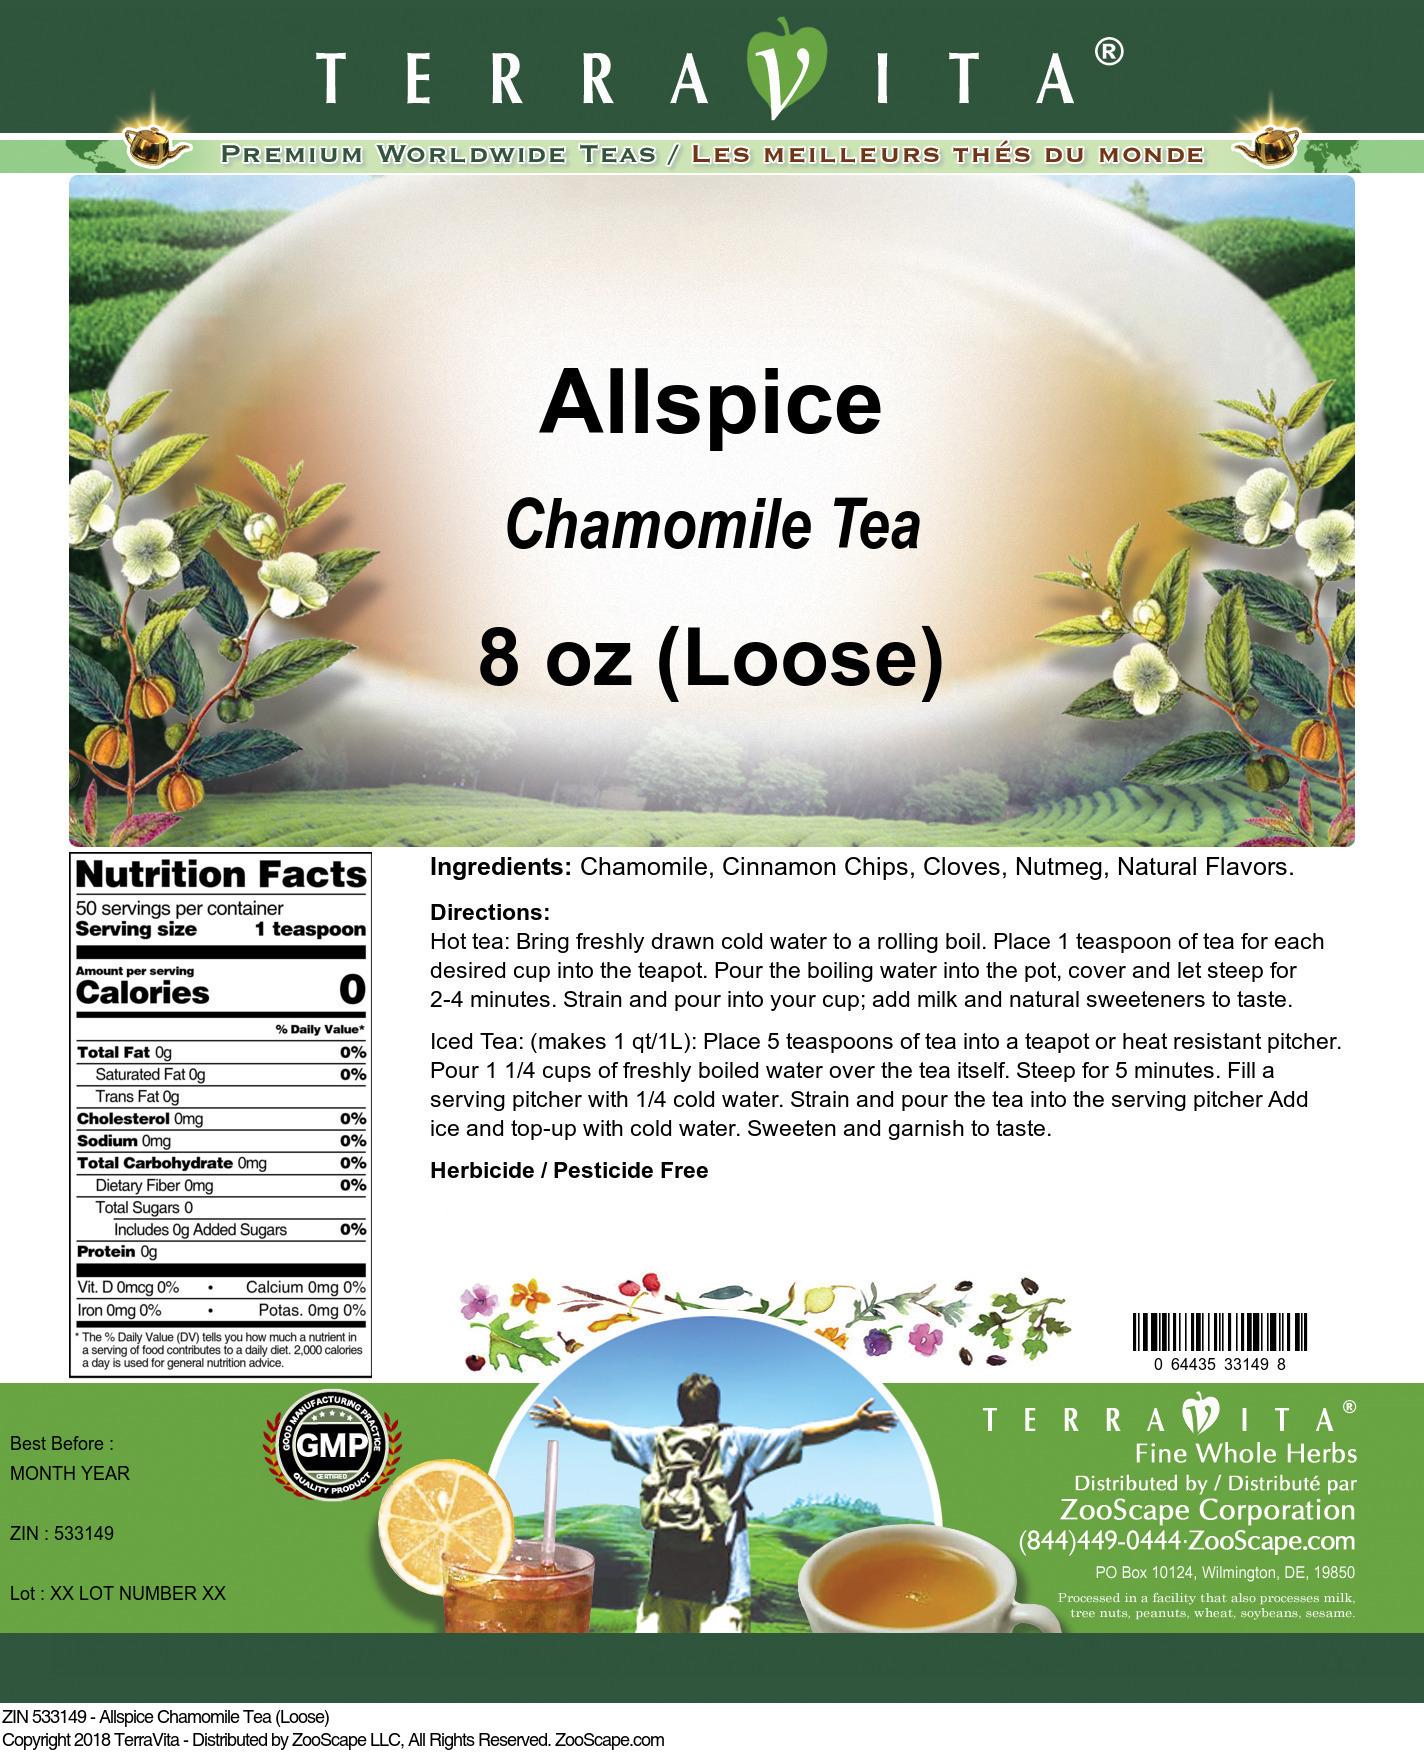 Allspice Chamomile Tea